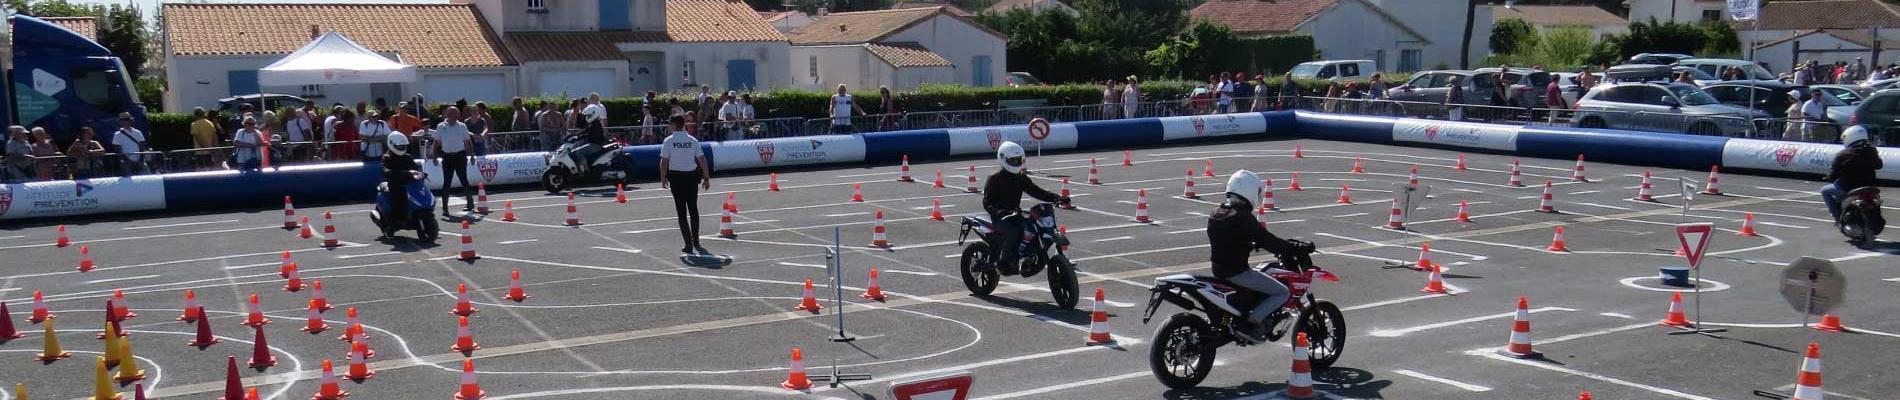 Les jeunes en piste pour la sécurité à La Tranche-sur-Mer (85), du 16 au 18 juillet